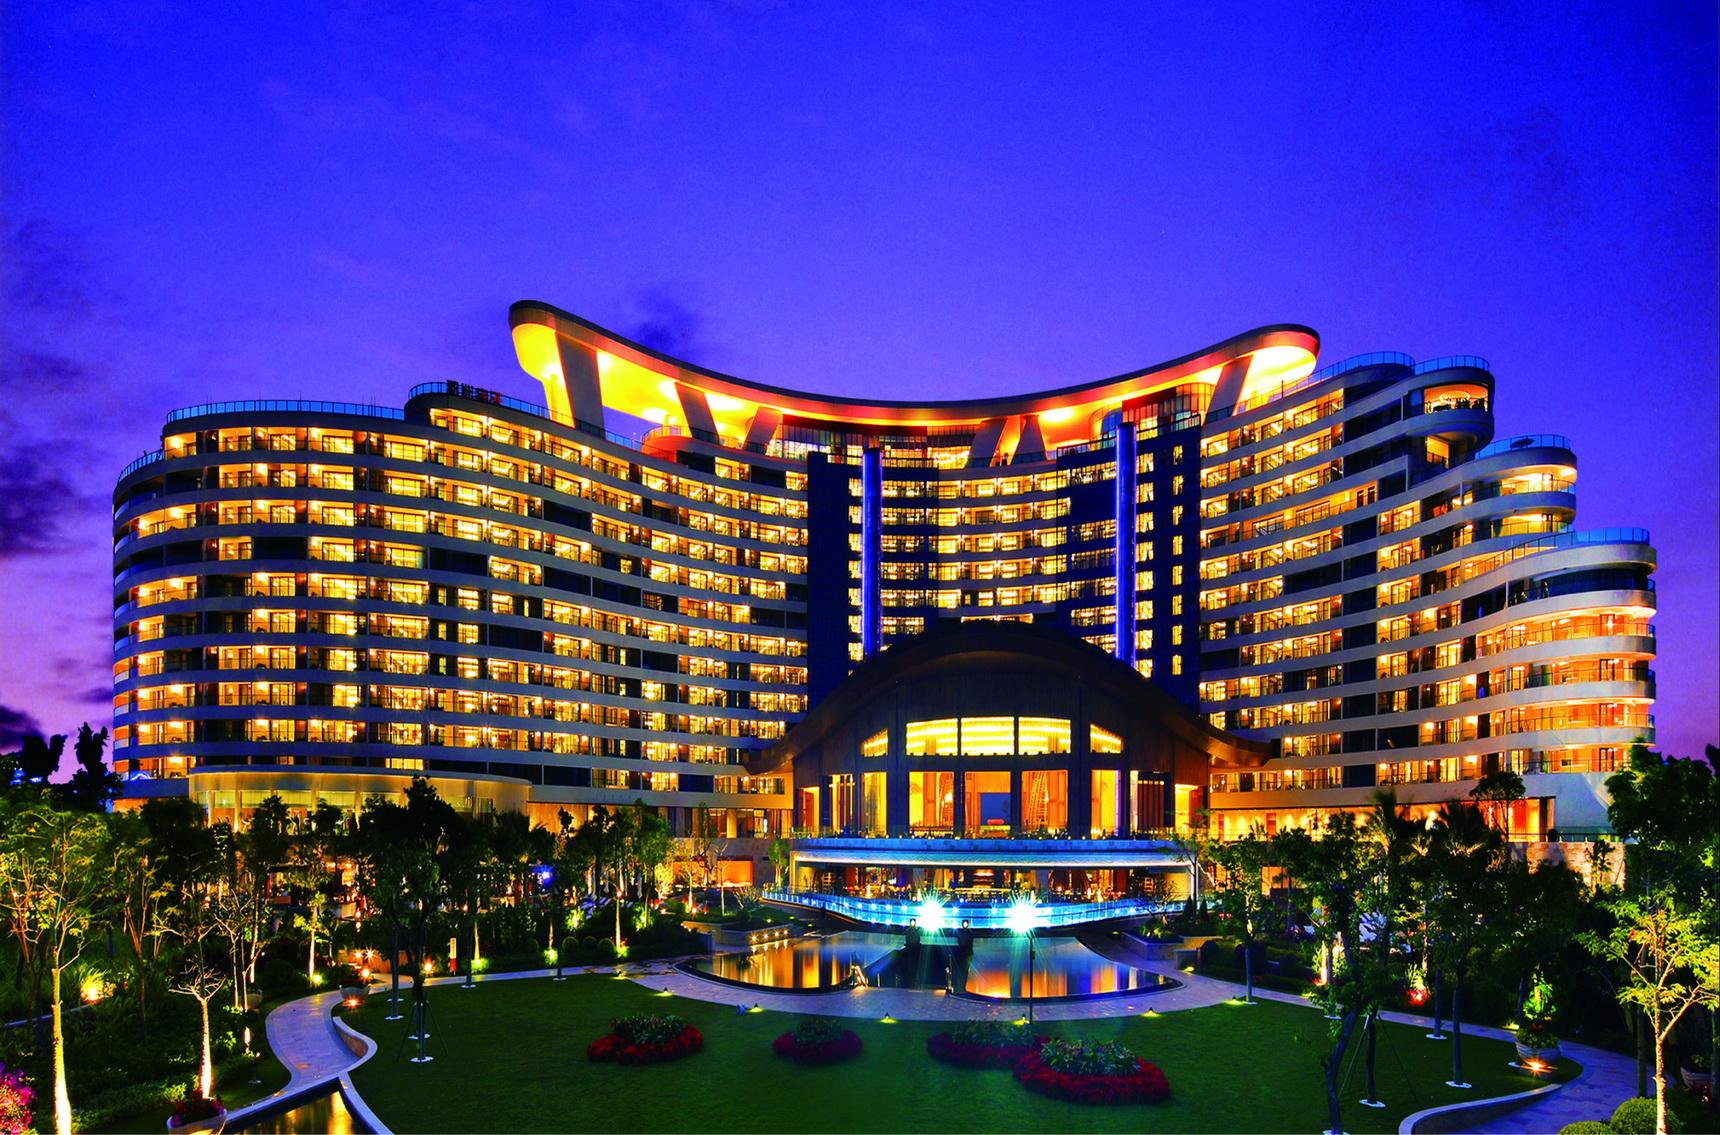 海棠湾洲际酒店夜景